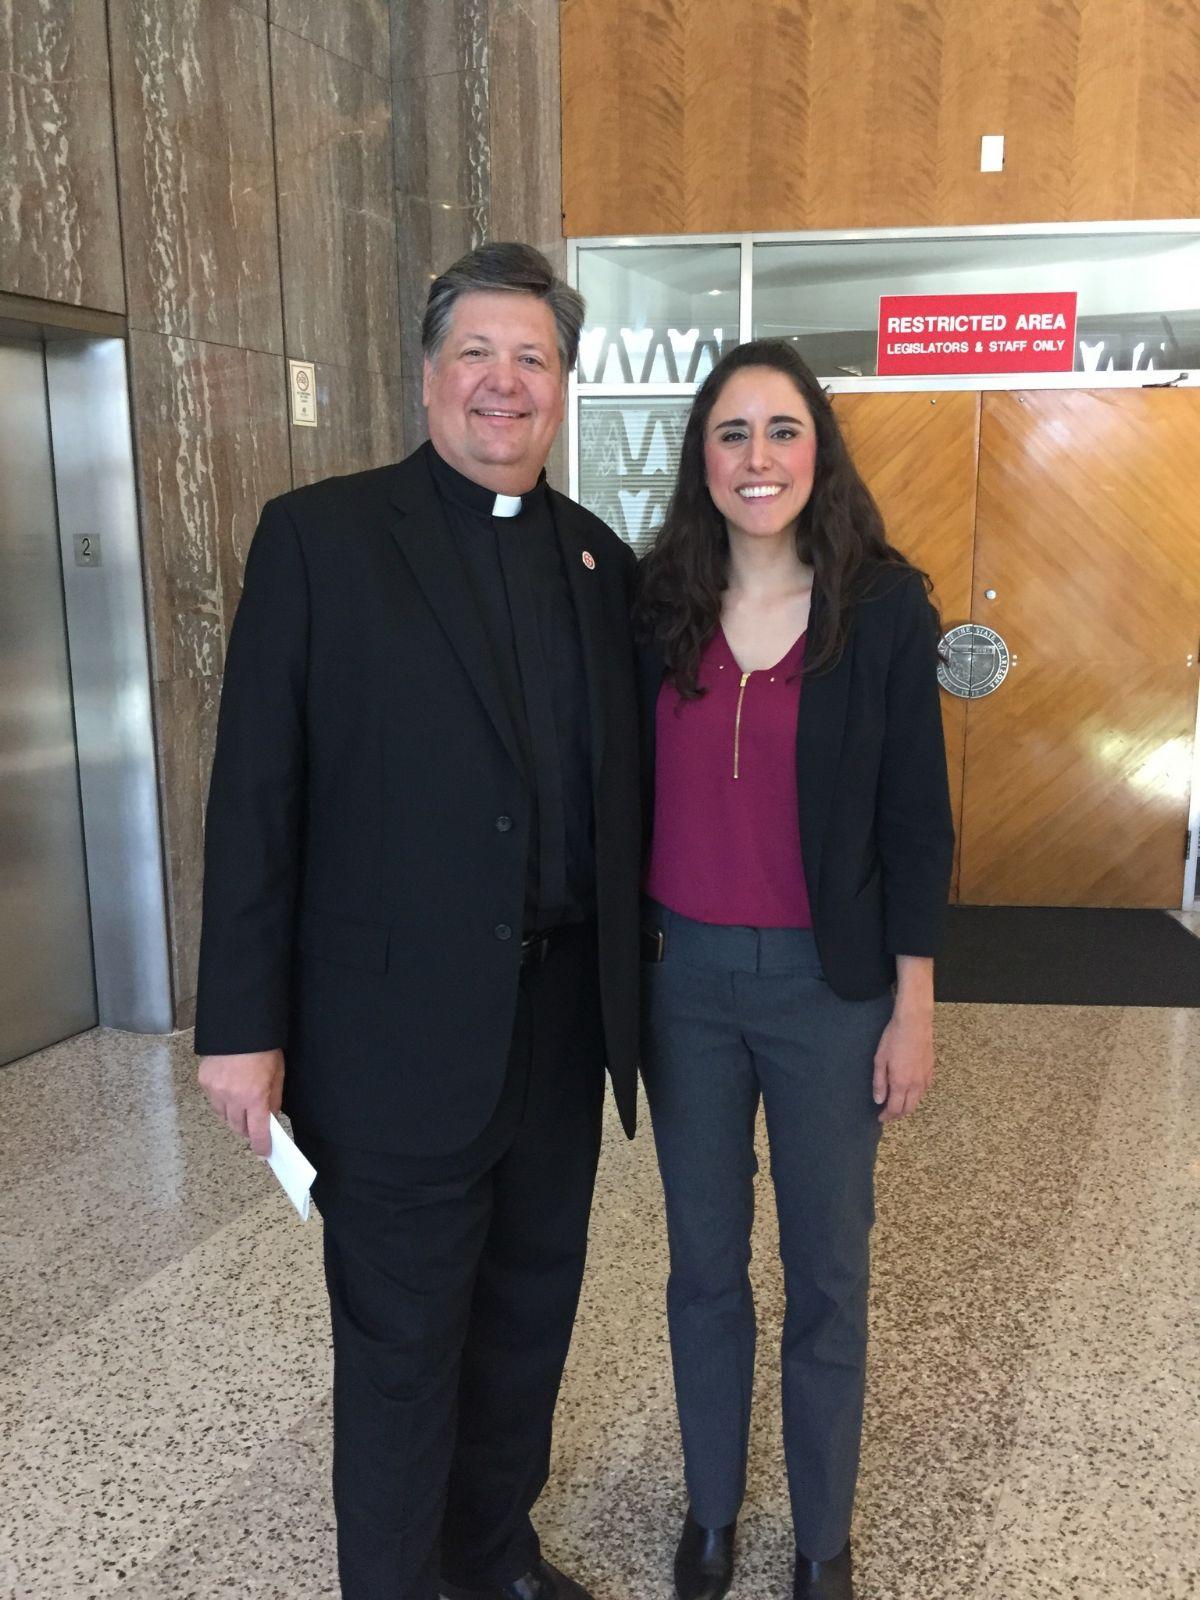 Rev David Felten and Rep Athena Salman following Felton's nontheistic prayer in the AZ House.